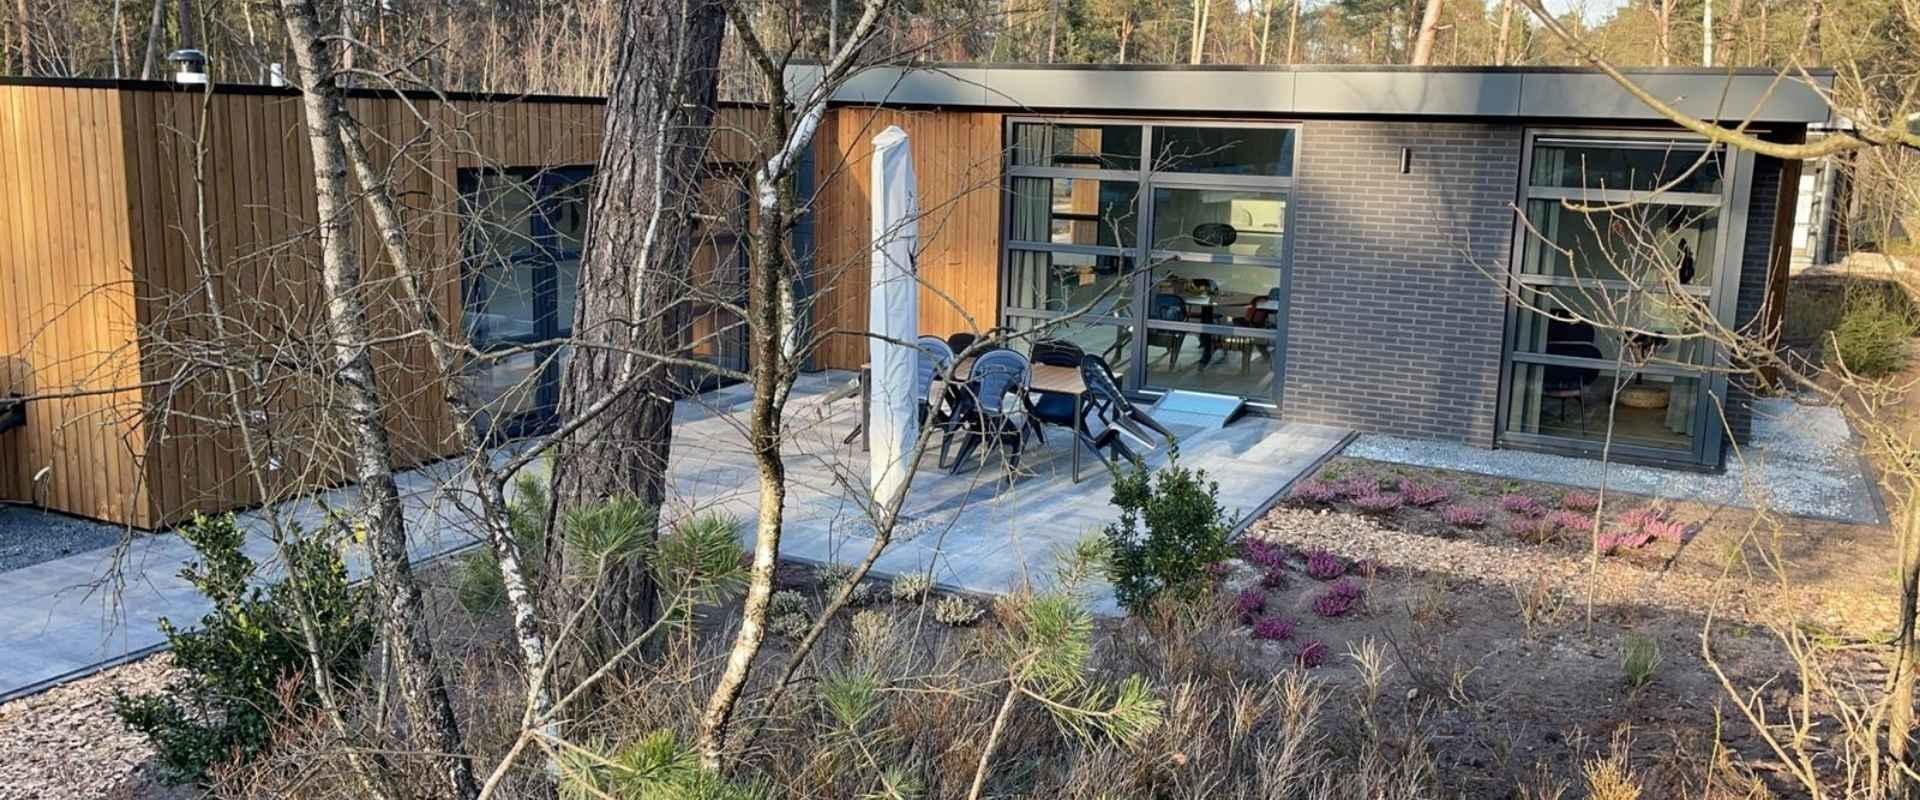 Huisje in het bos huren op de Veluwe